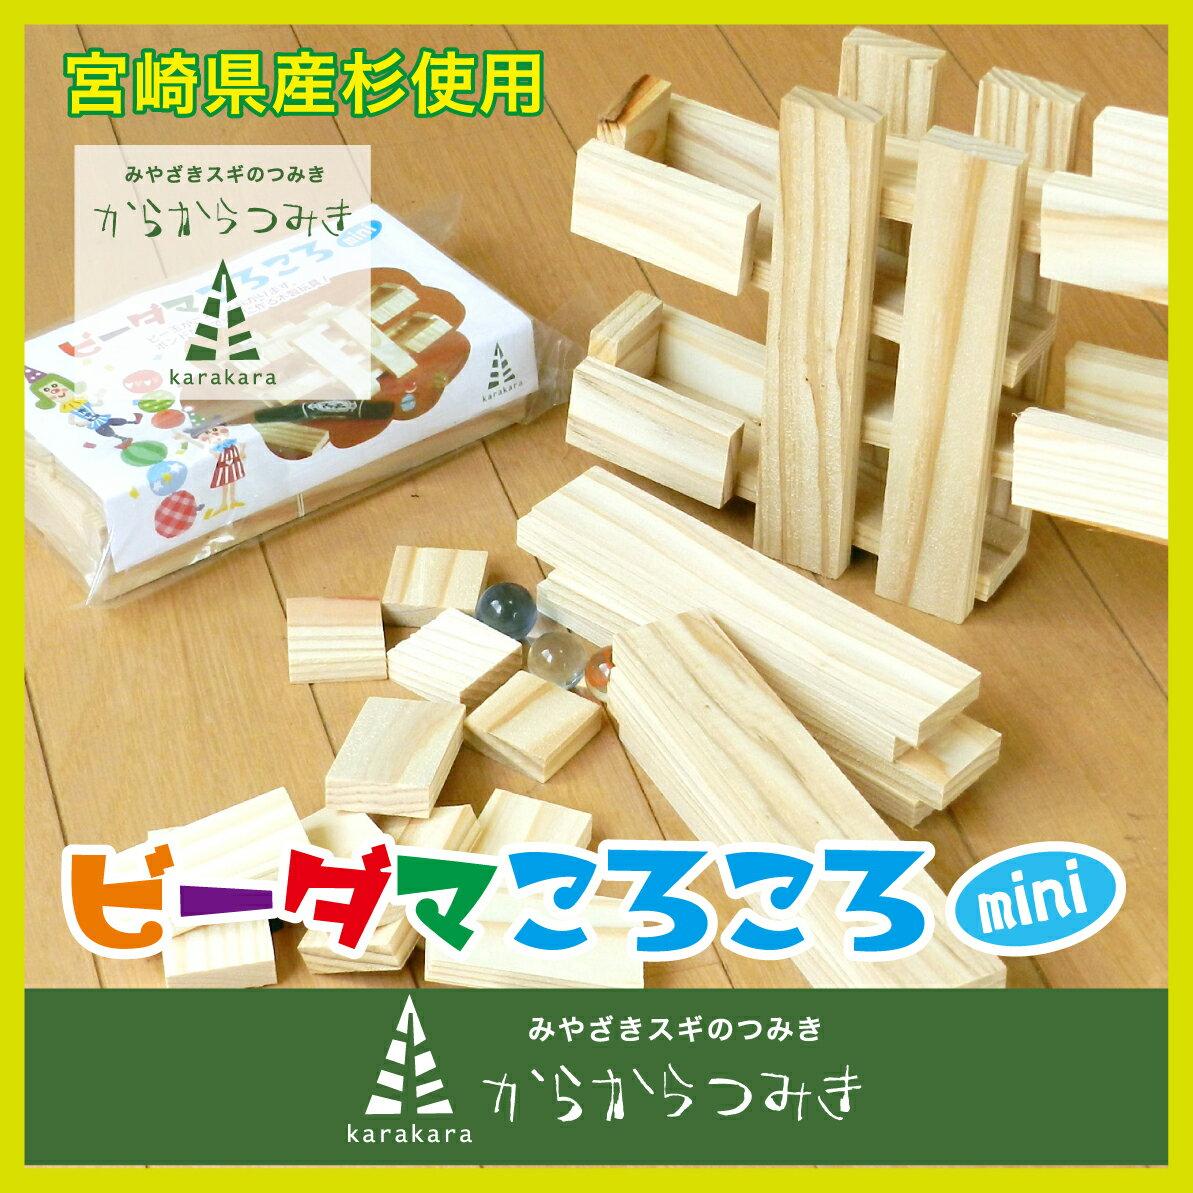 ビー玉ころころミニ(1個入)からからつみき《積み木日本製国産》天然木木のおもちゃ手作り木工工作ワーク